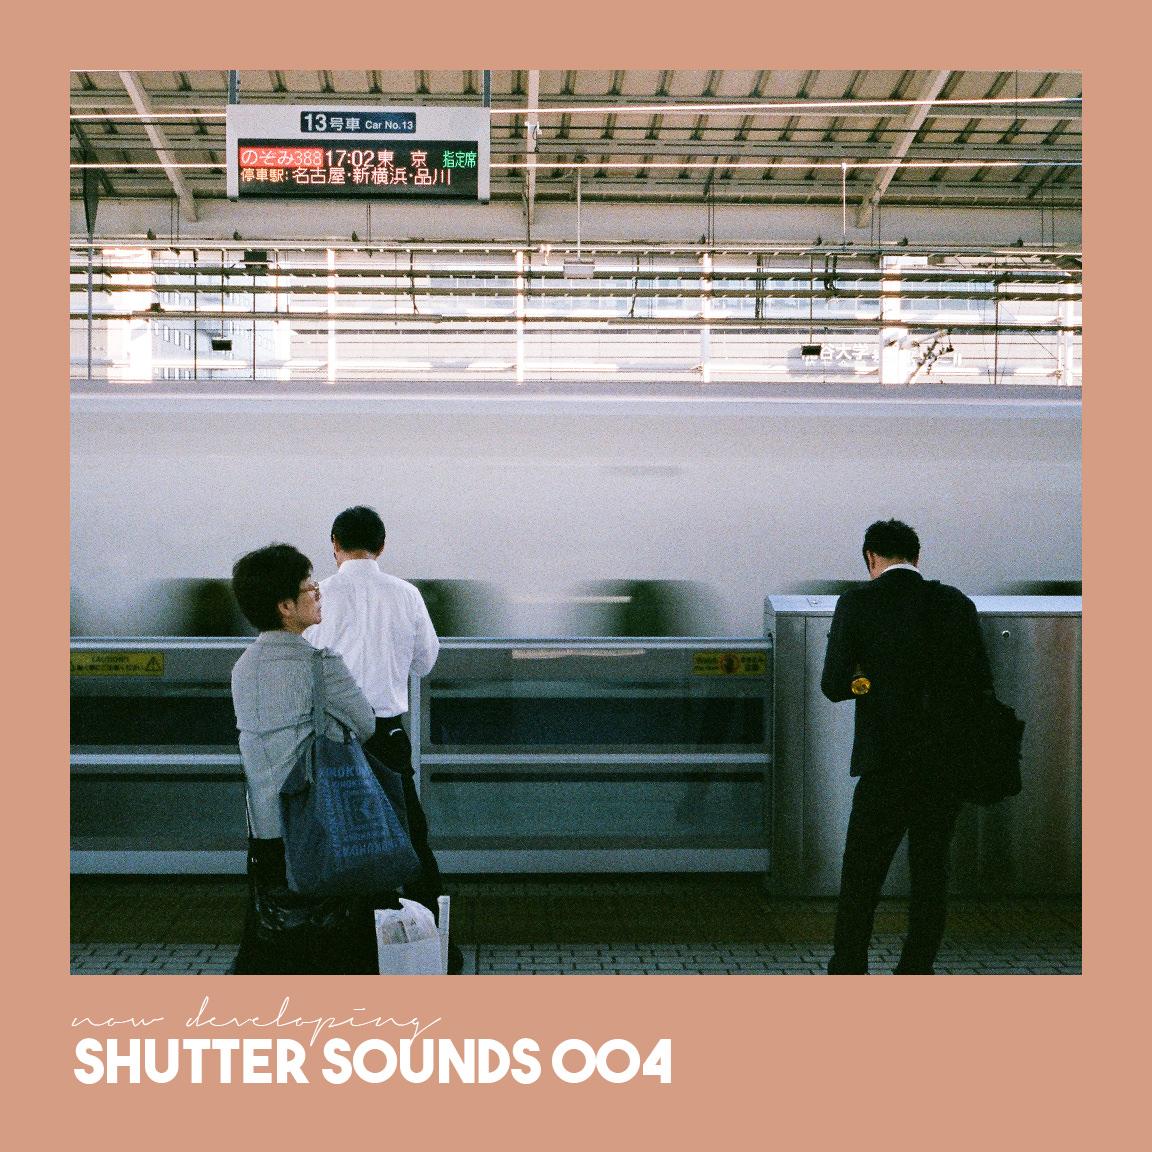 Shutter Sounds 004